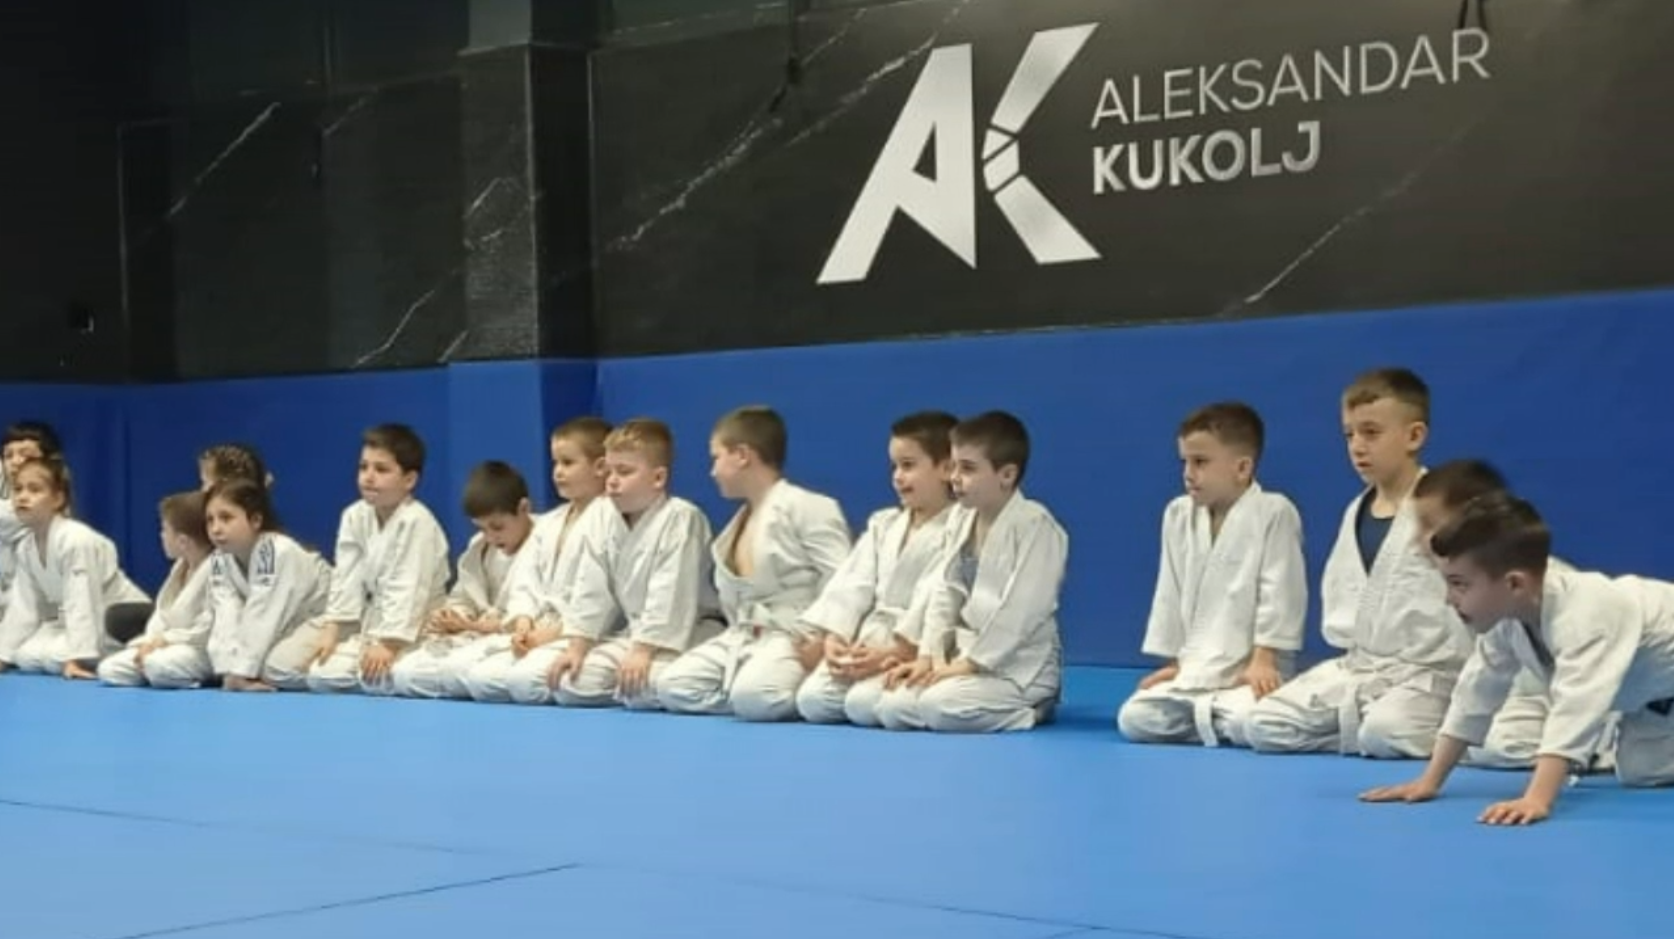 Kukolj Team